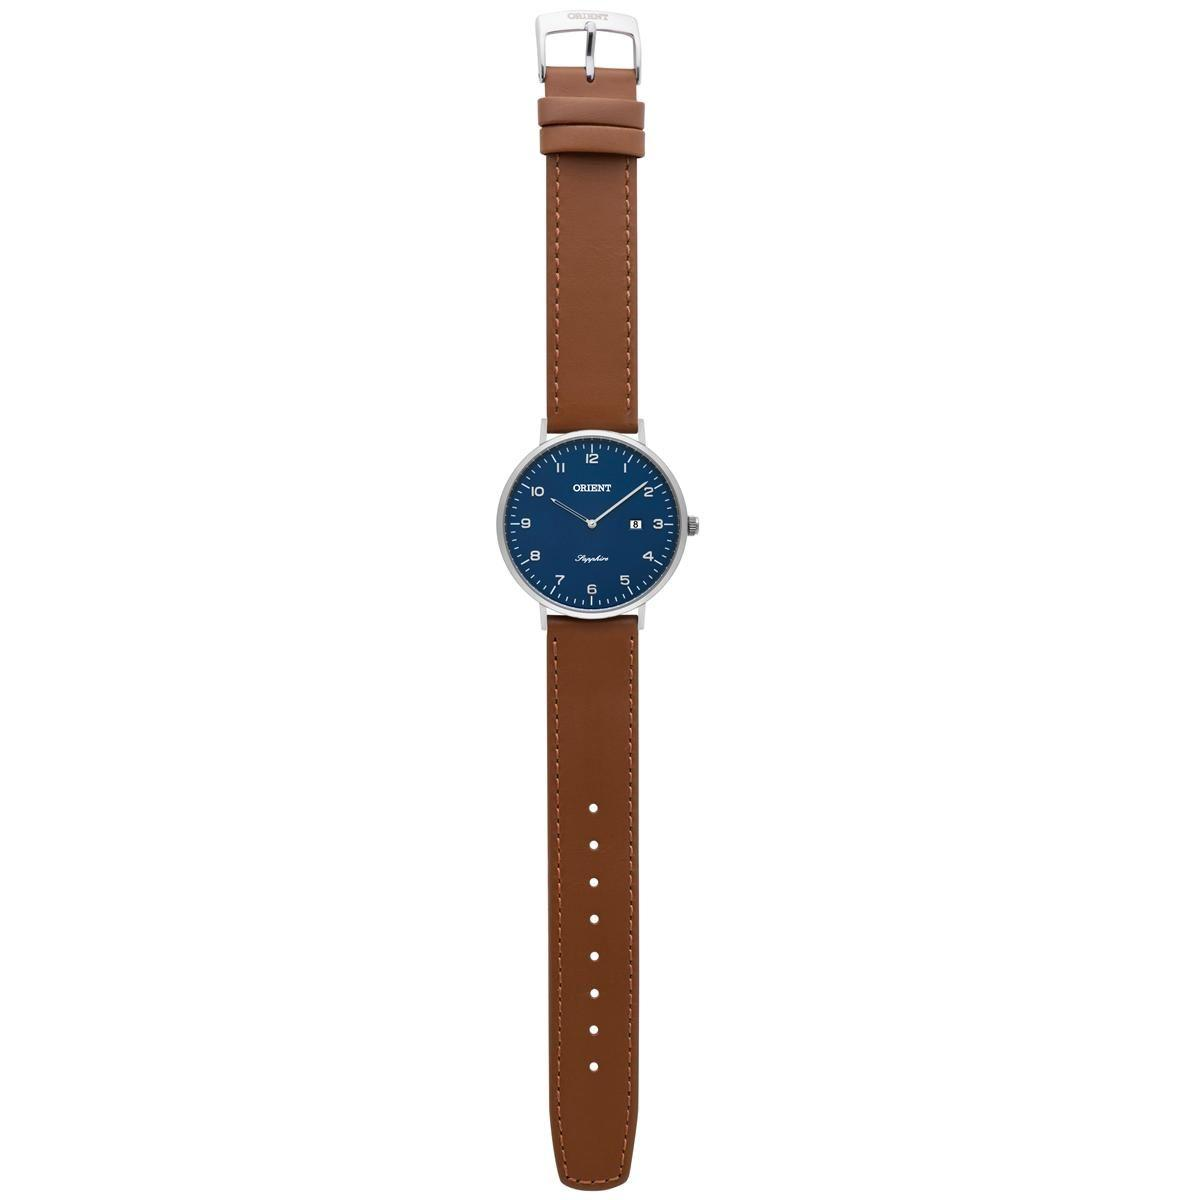 6df21491a66 Relógio de Pulso Orient Slim Masculino com Pulseira de Couro MBSCS008 D2MX  - Prata e Marrom Produto não disponível